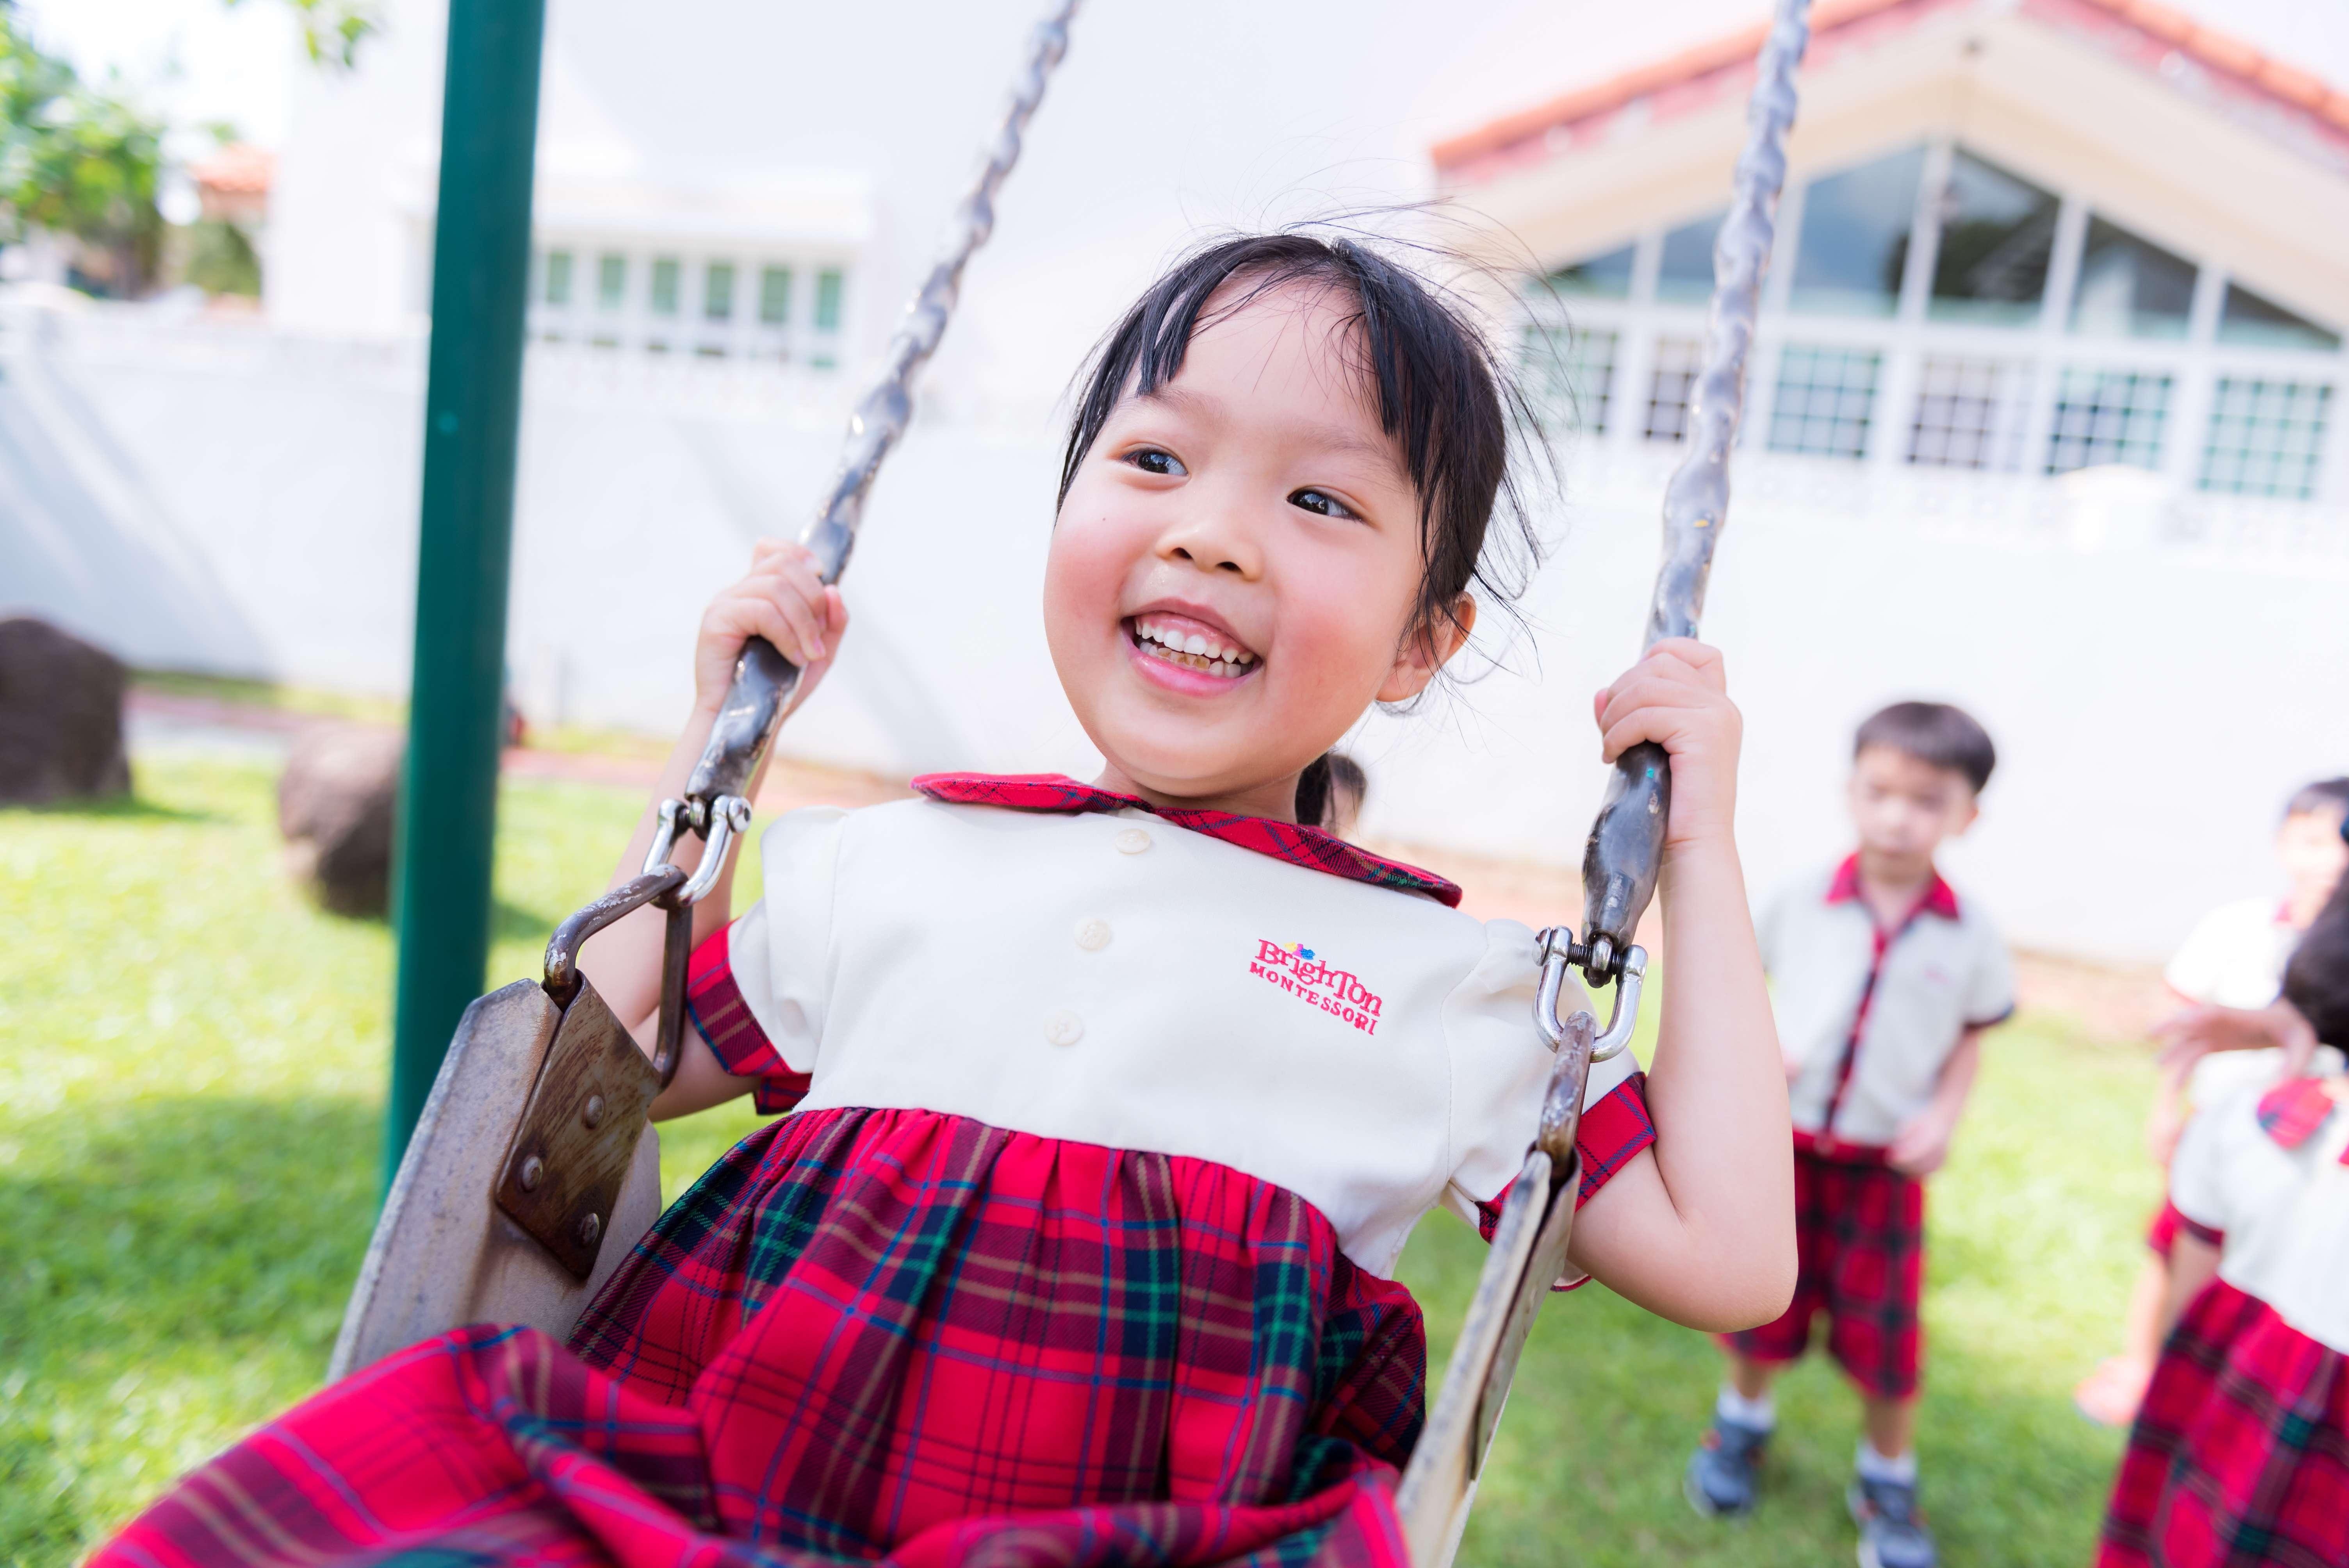 girl playing swing